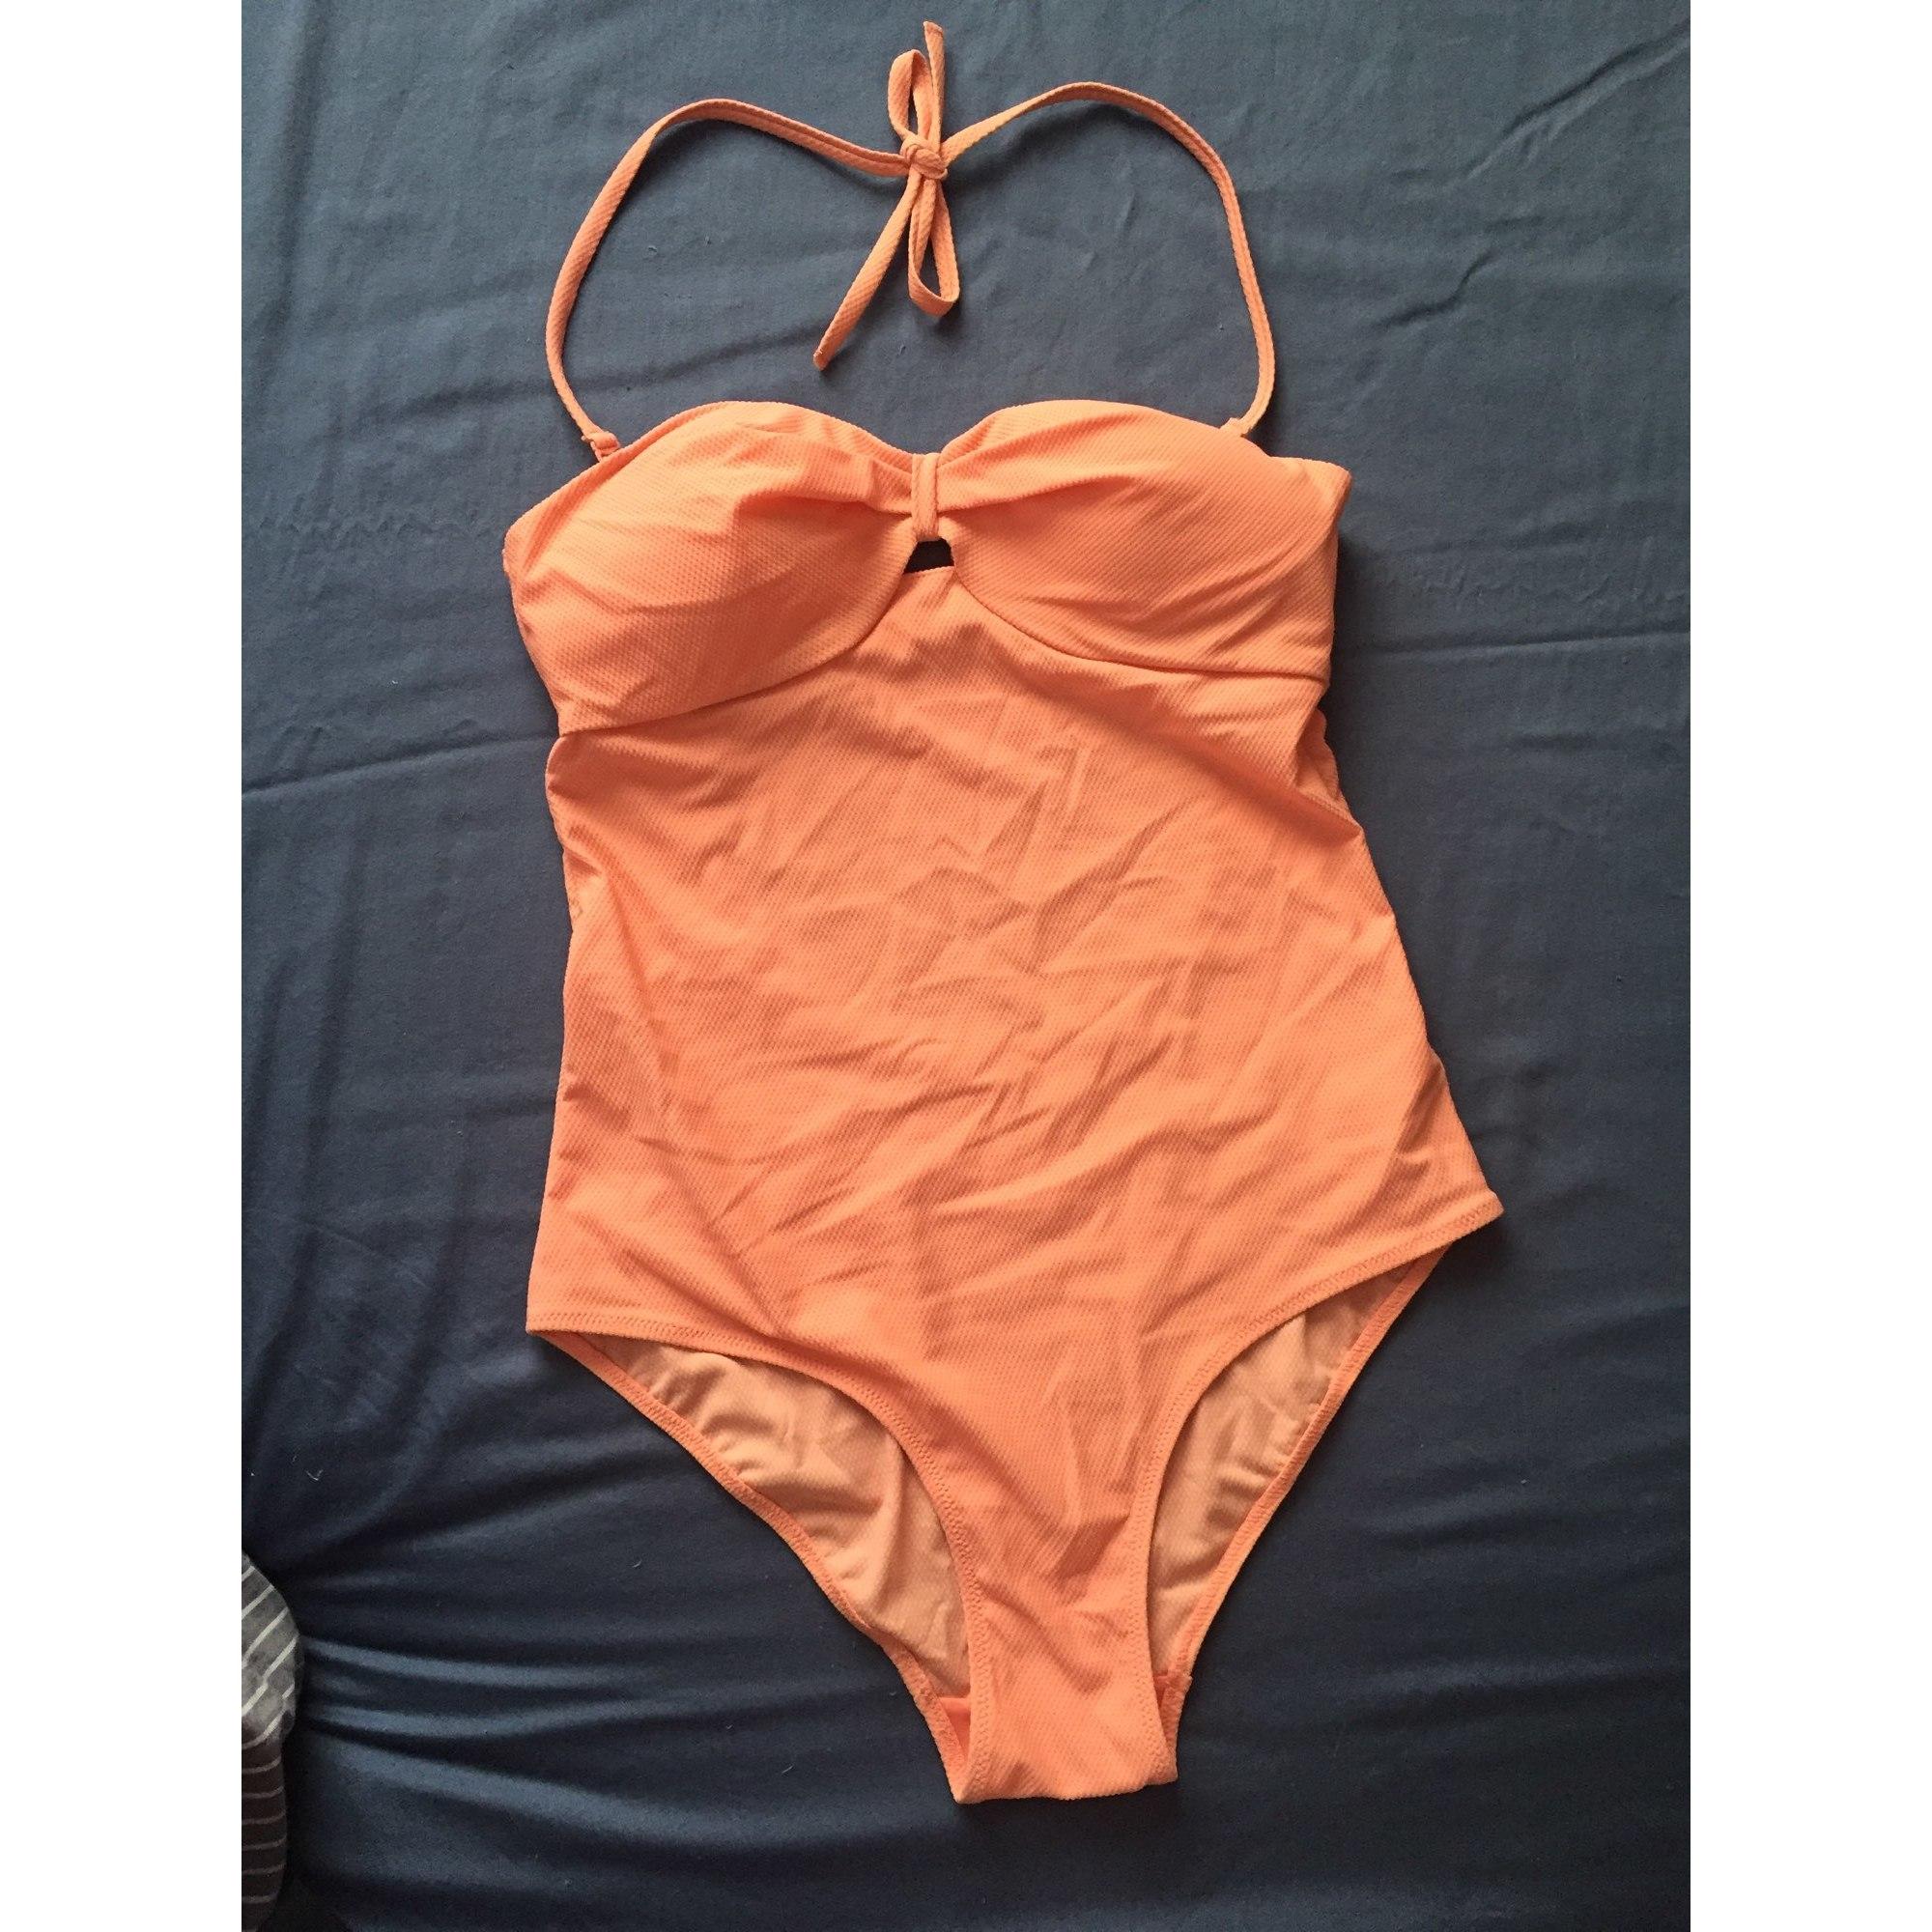 ab638ebd7a Maillot de bain une-pièce ETAM LINGERIE 40 (L, T3) orange - 6621860